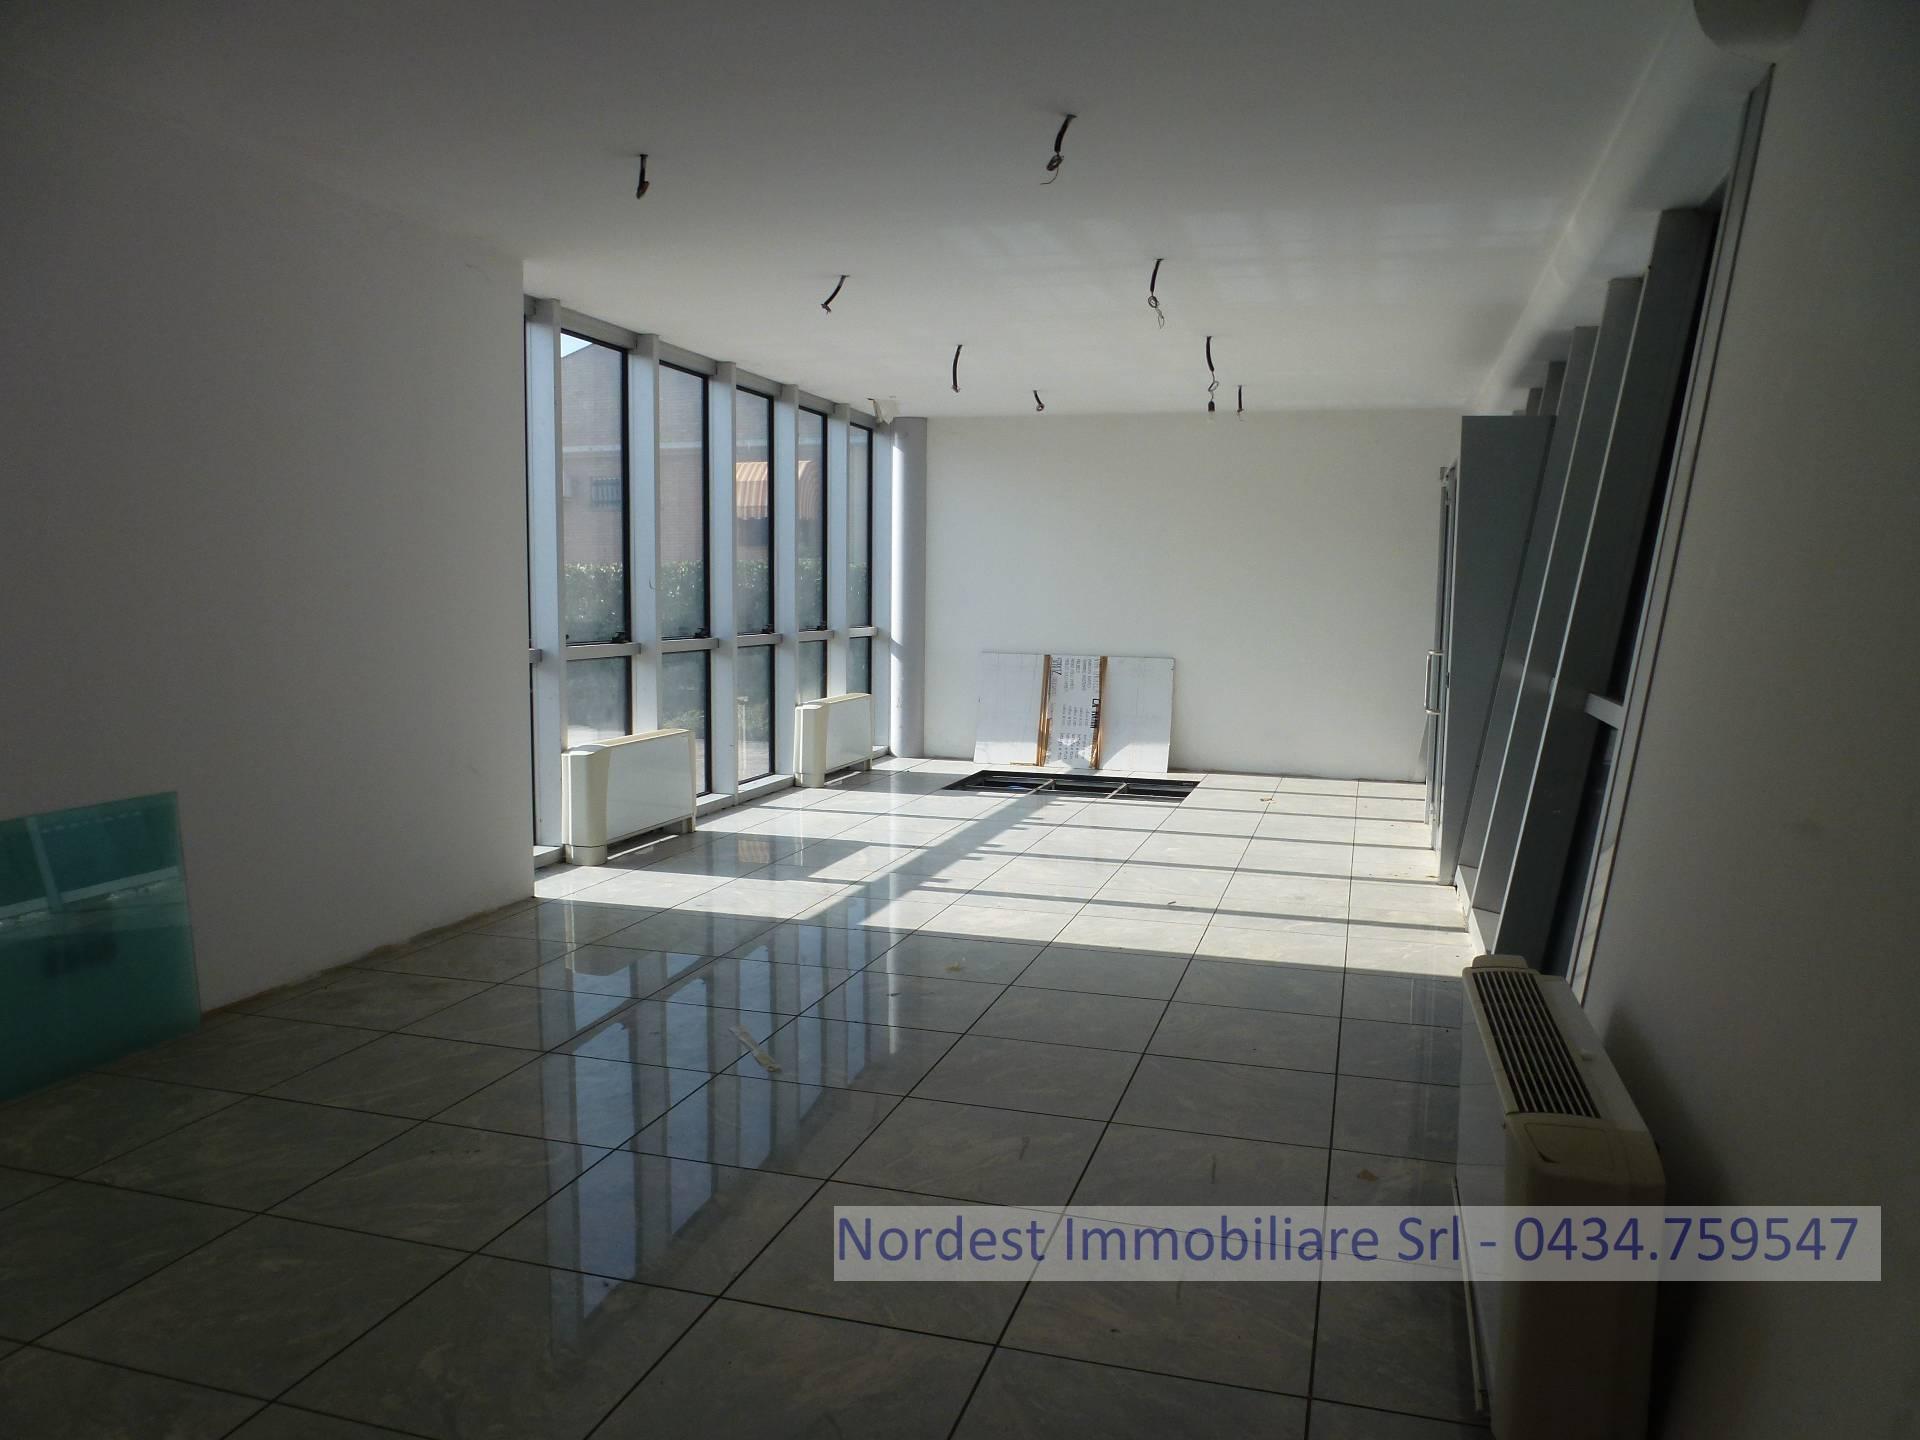 Ufficio / Studio in affitto a Codognè, 9999 locali, Trattative riservate | CambioCasa.it